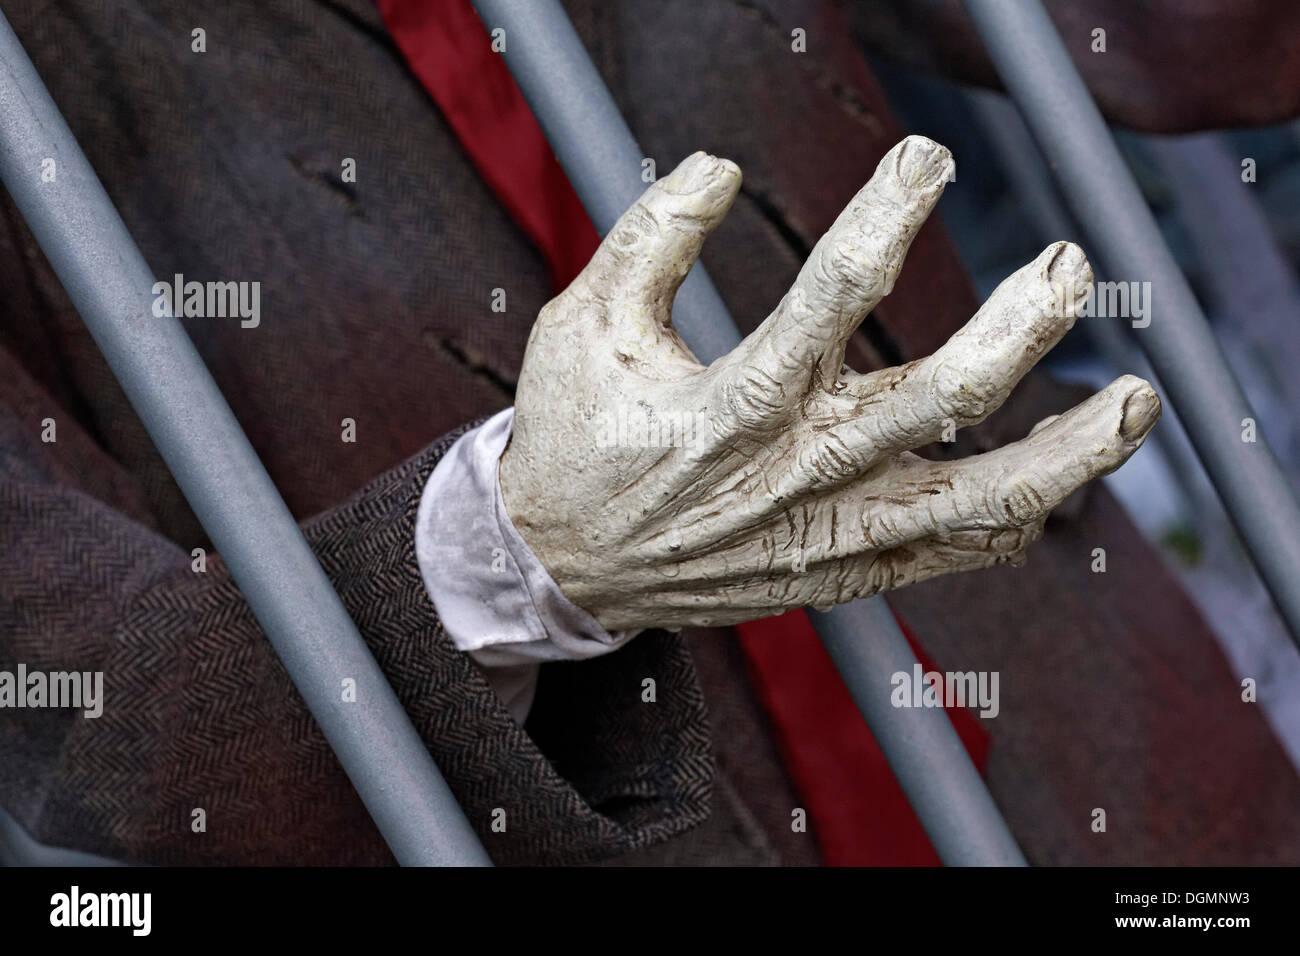 Mano que alcanza a través de los barrotes de la cárcel, casa embrujada figura Imagen De Stock